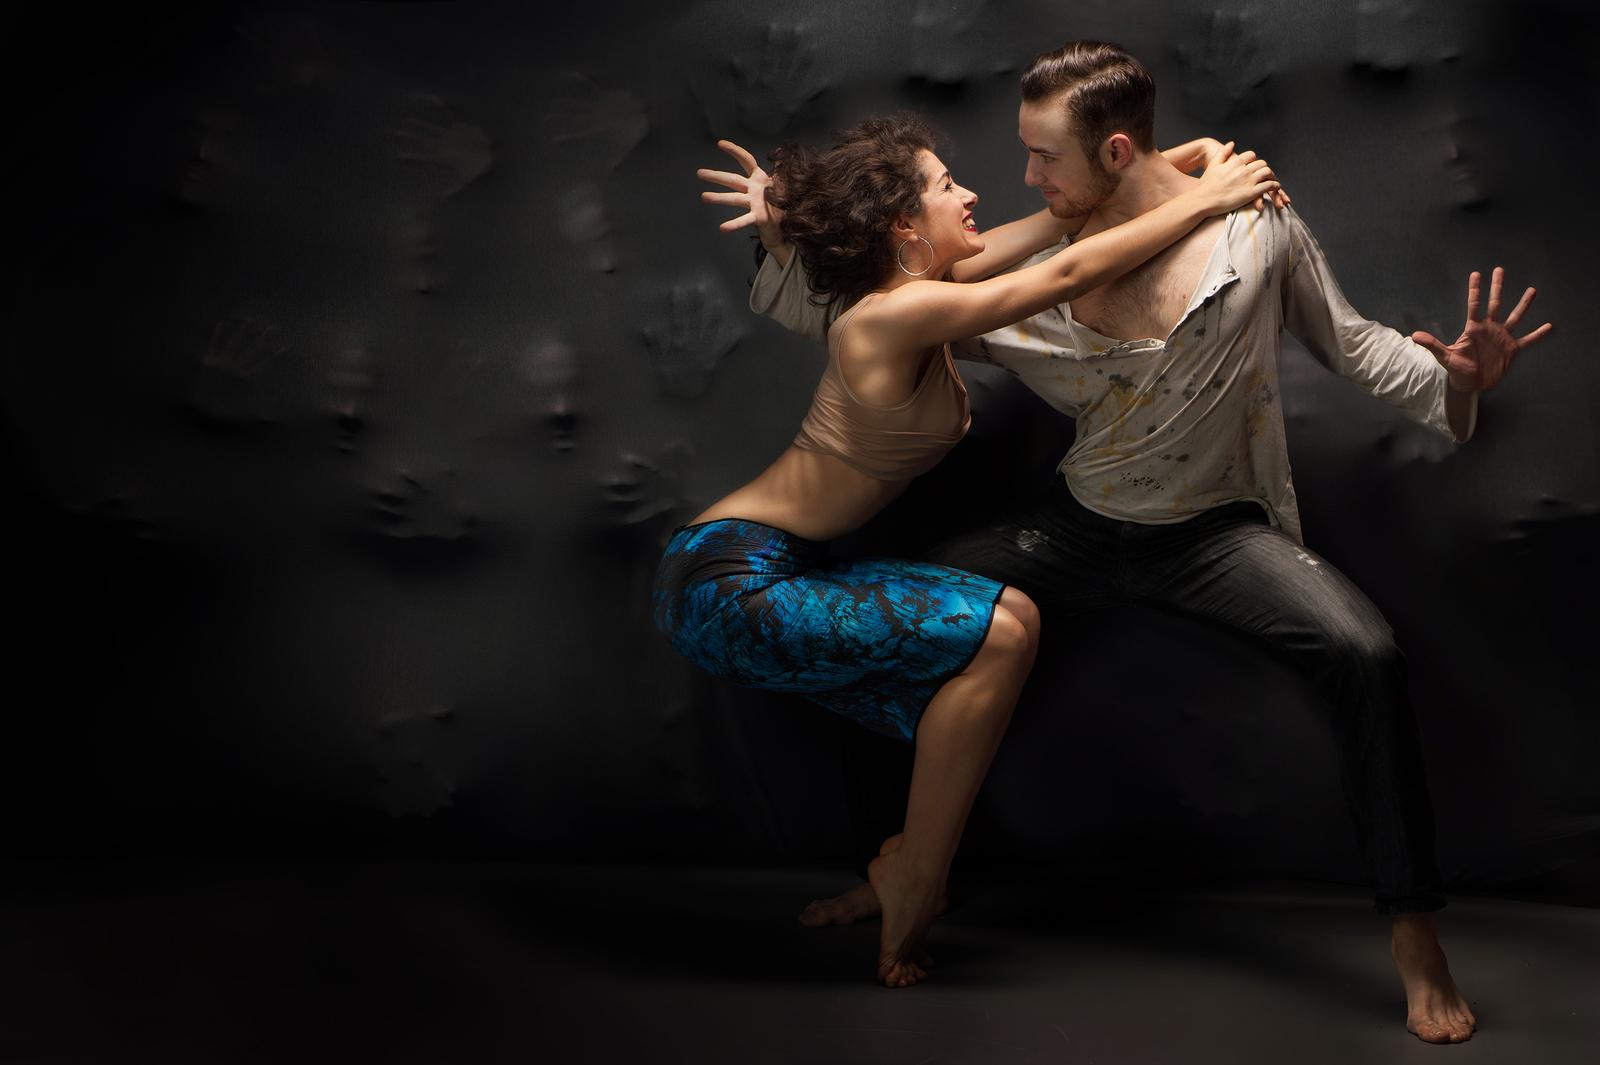 Experimente uma Aula de Dança experimental na Academia João Capela em Barcelos